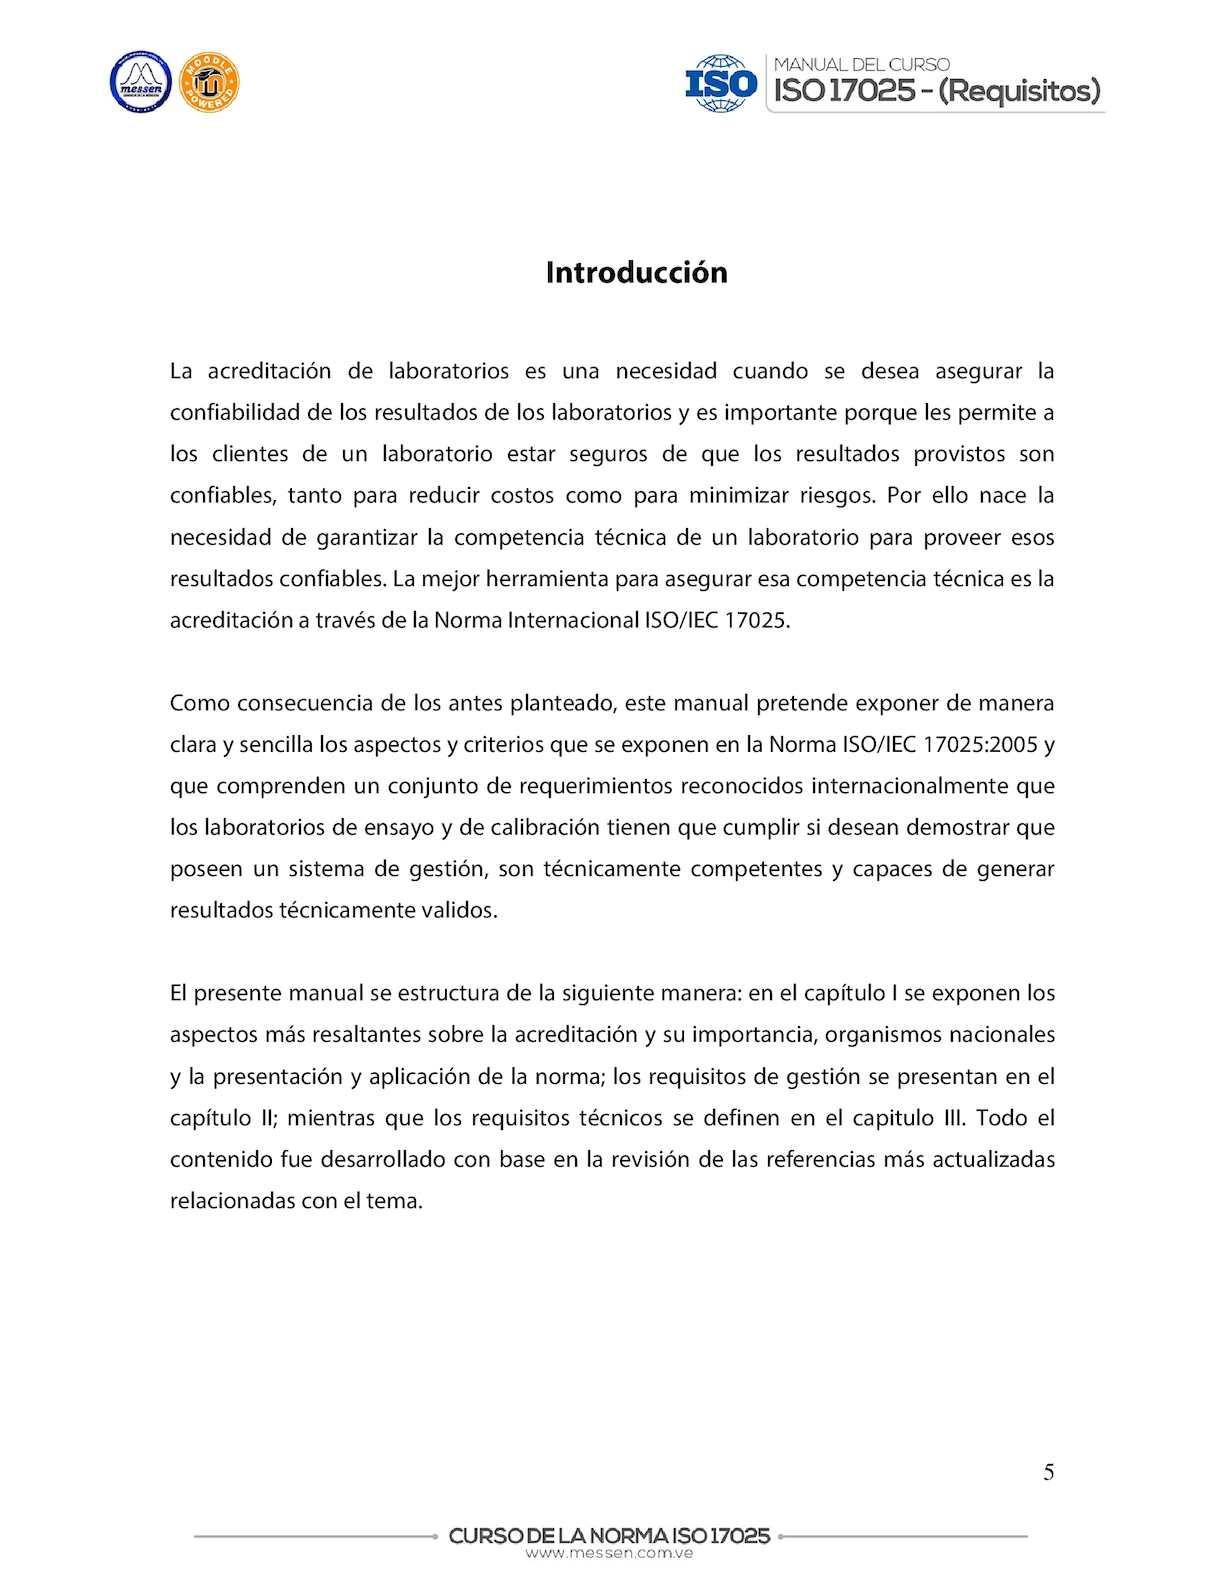 Hermosa Servicio Al Cliente Muestra Habilidades De Reanudar Patrón ...